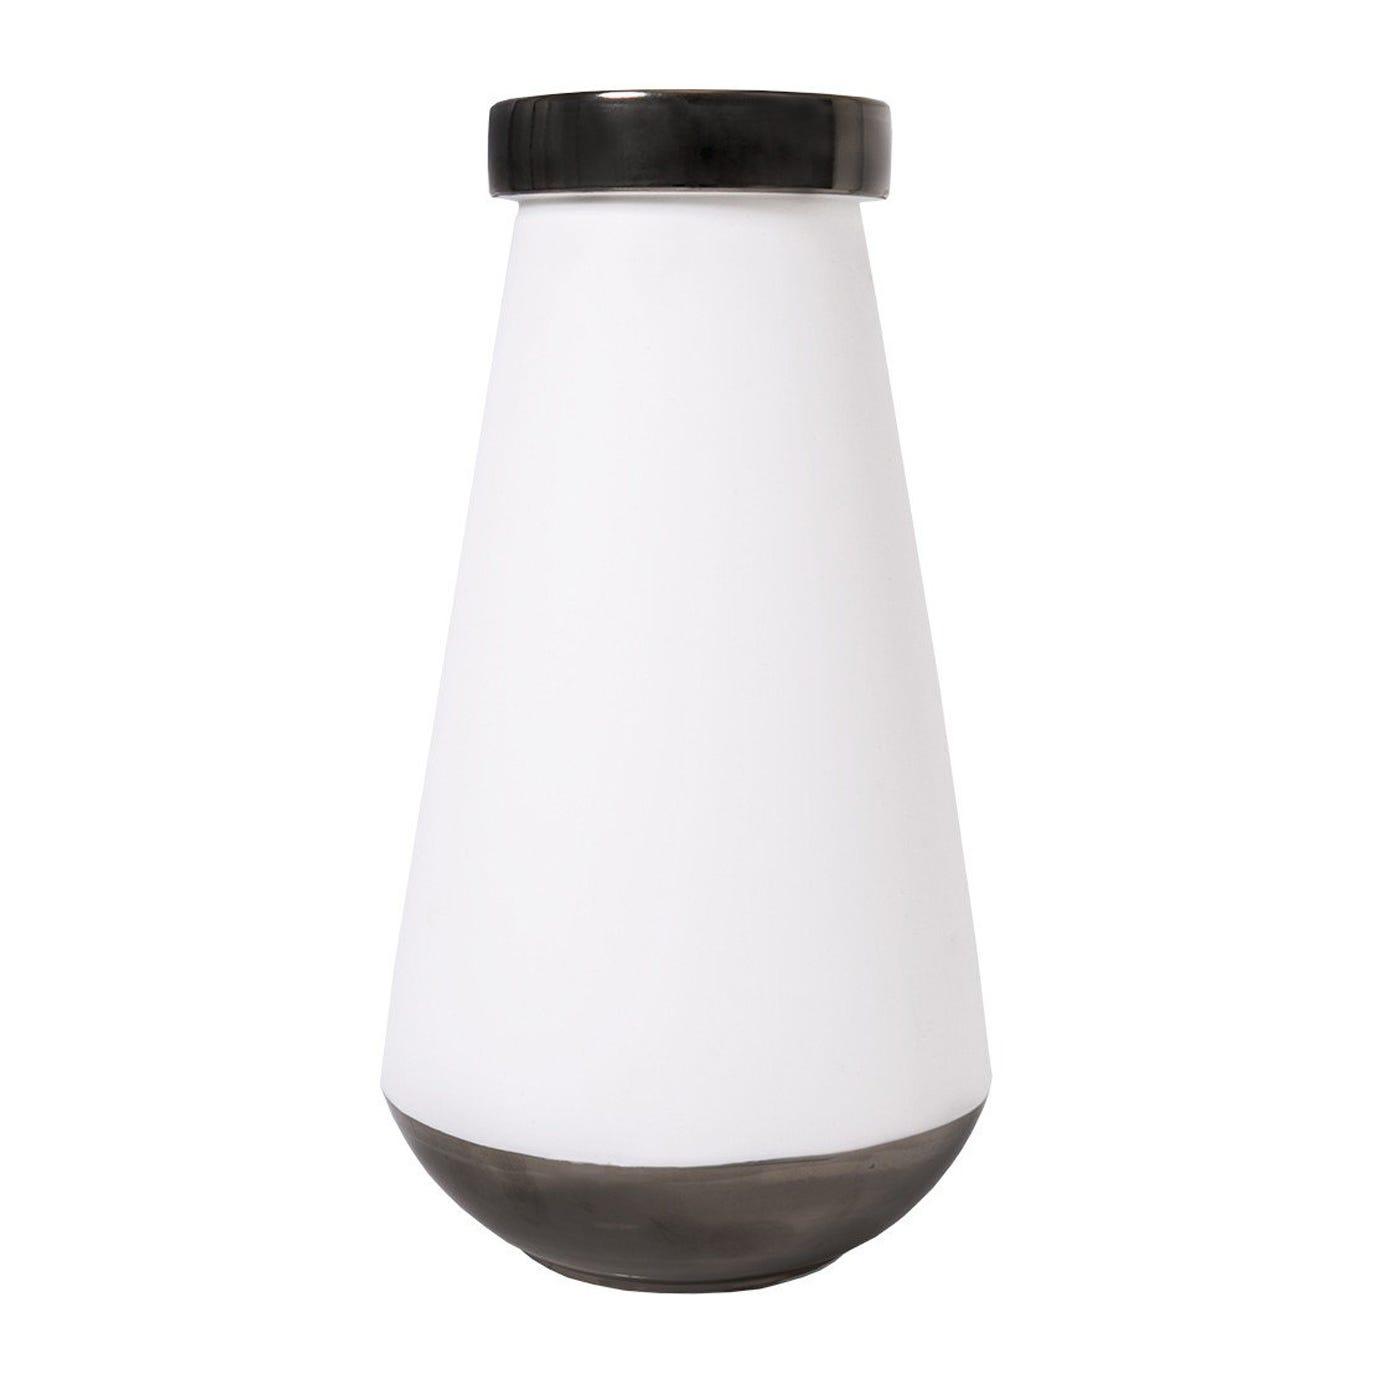 Keele Vase White